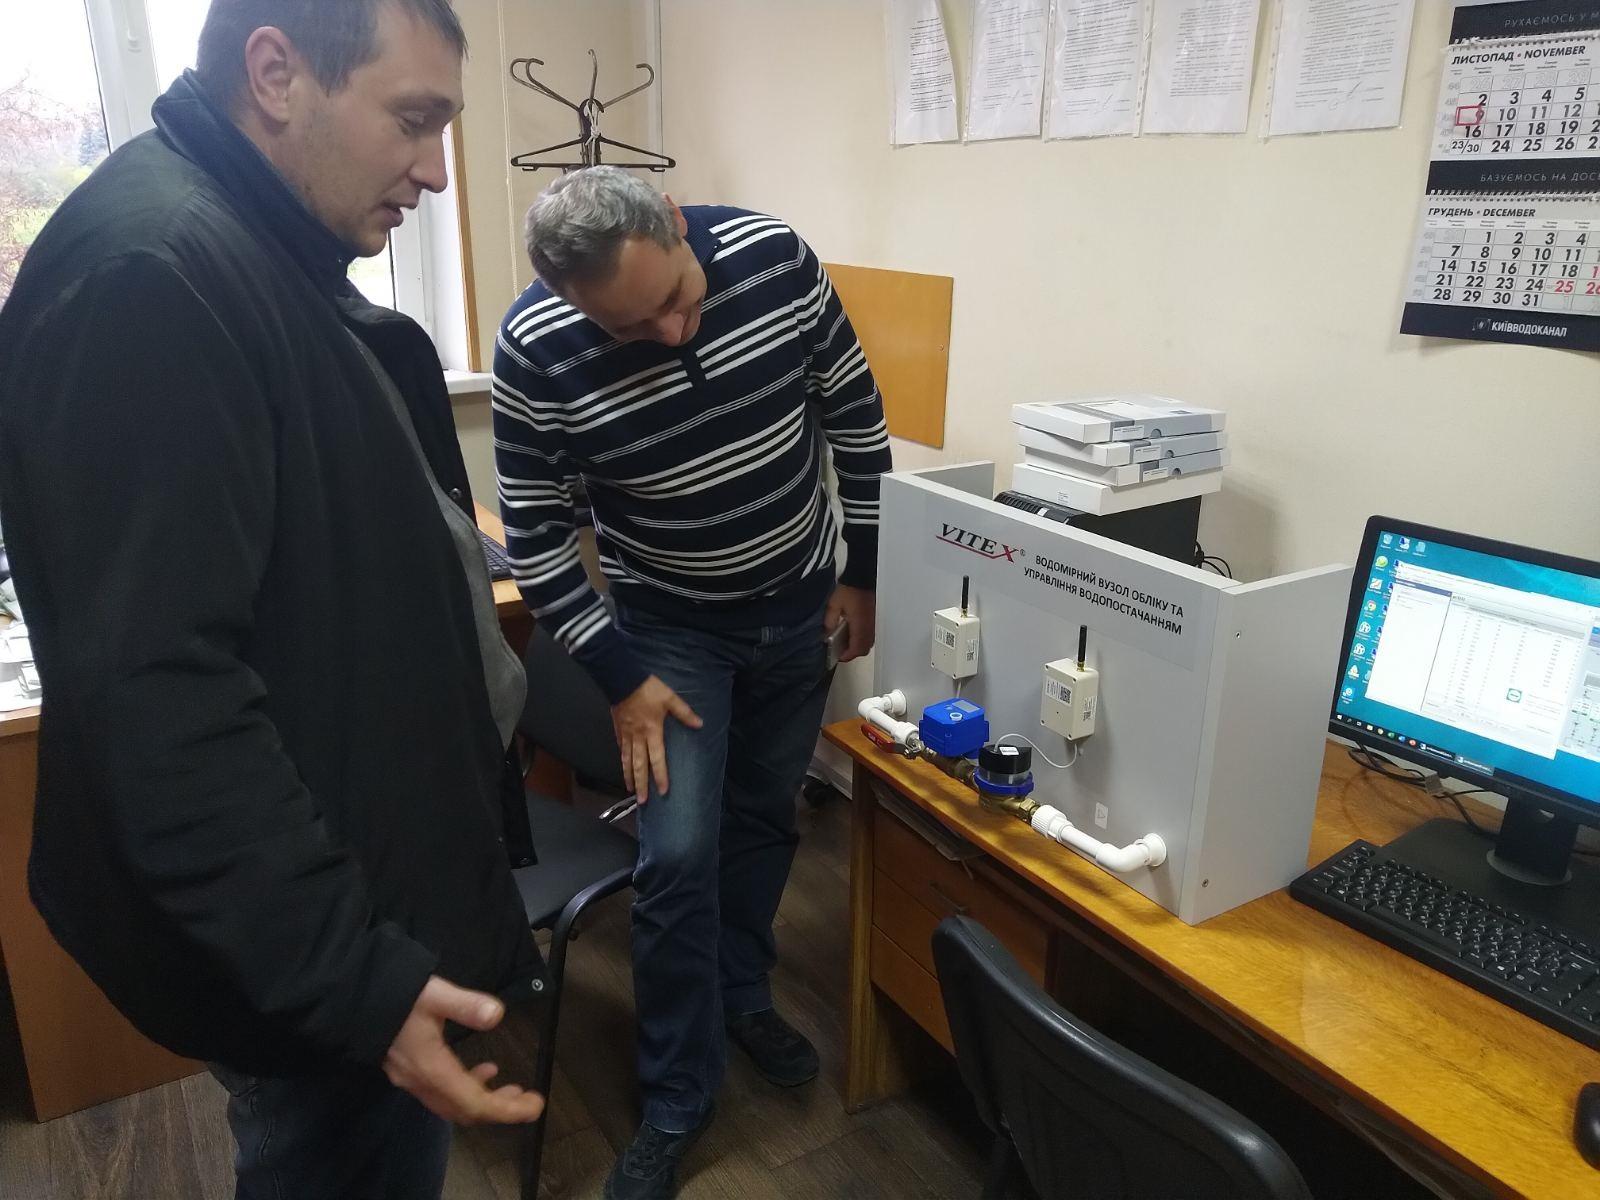 Тестирование беспроводного оборудования учета и управления водоснабжением